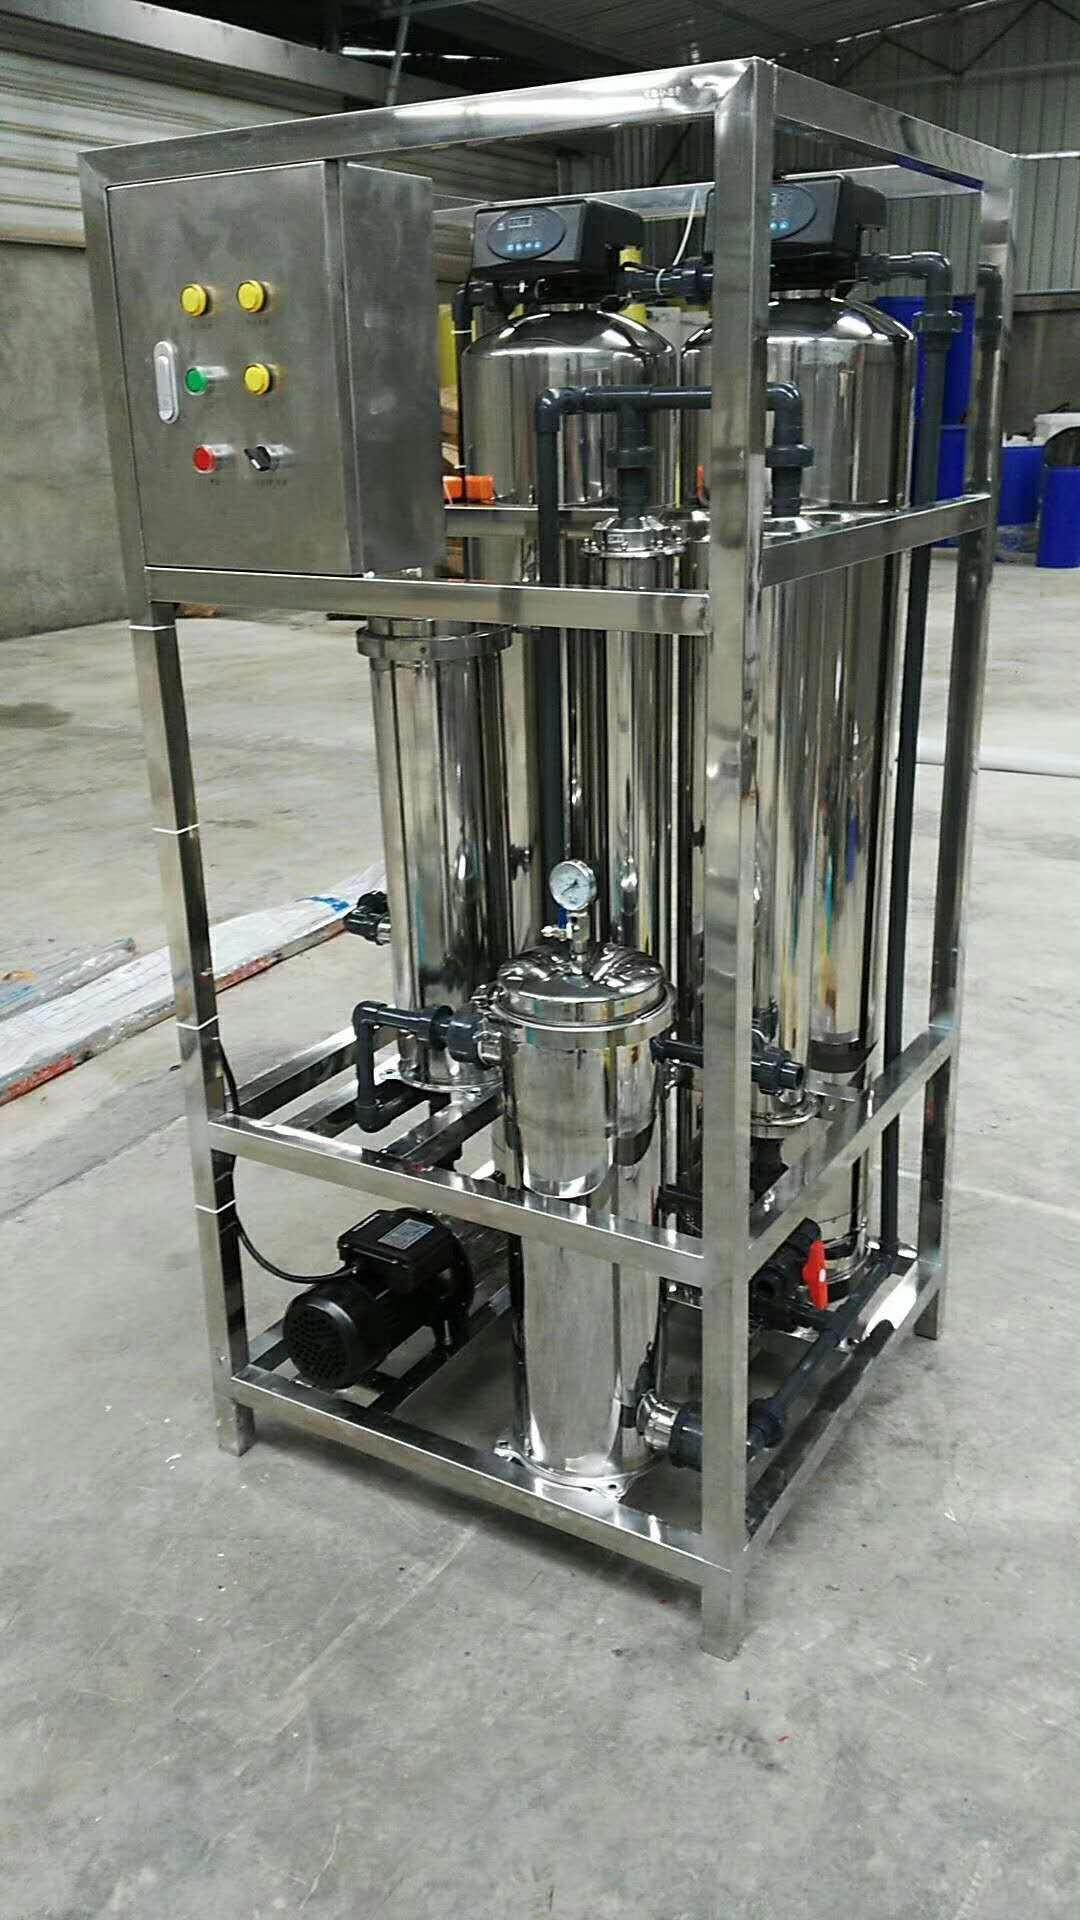 工厂酒店校园直饮水系统 纯净水设备全不锈钢罐体一体式安全抗菌